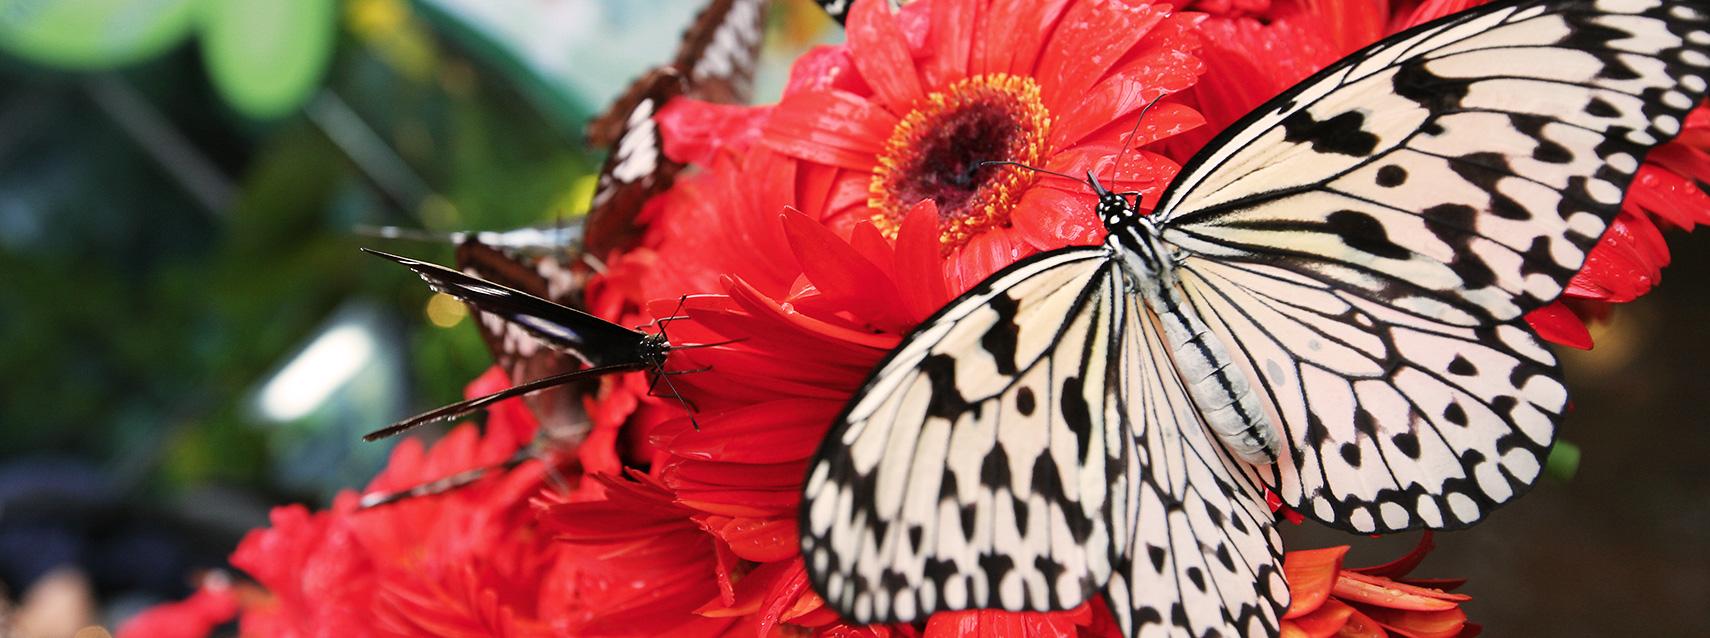 Cánh bướm trắng nhìn rất đẹp